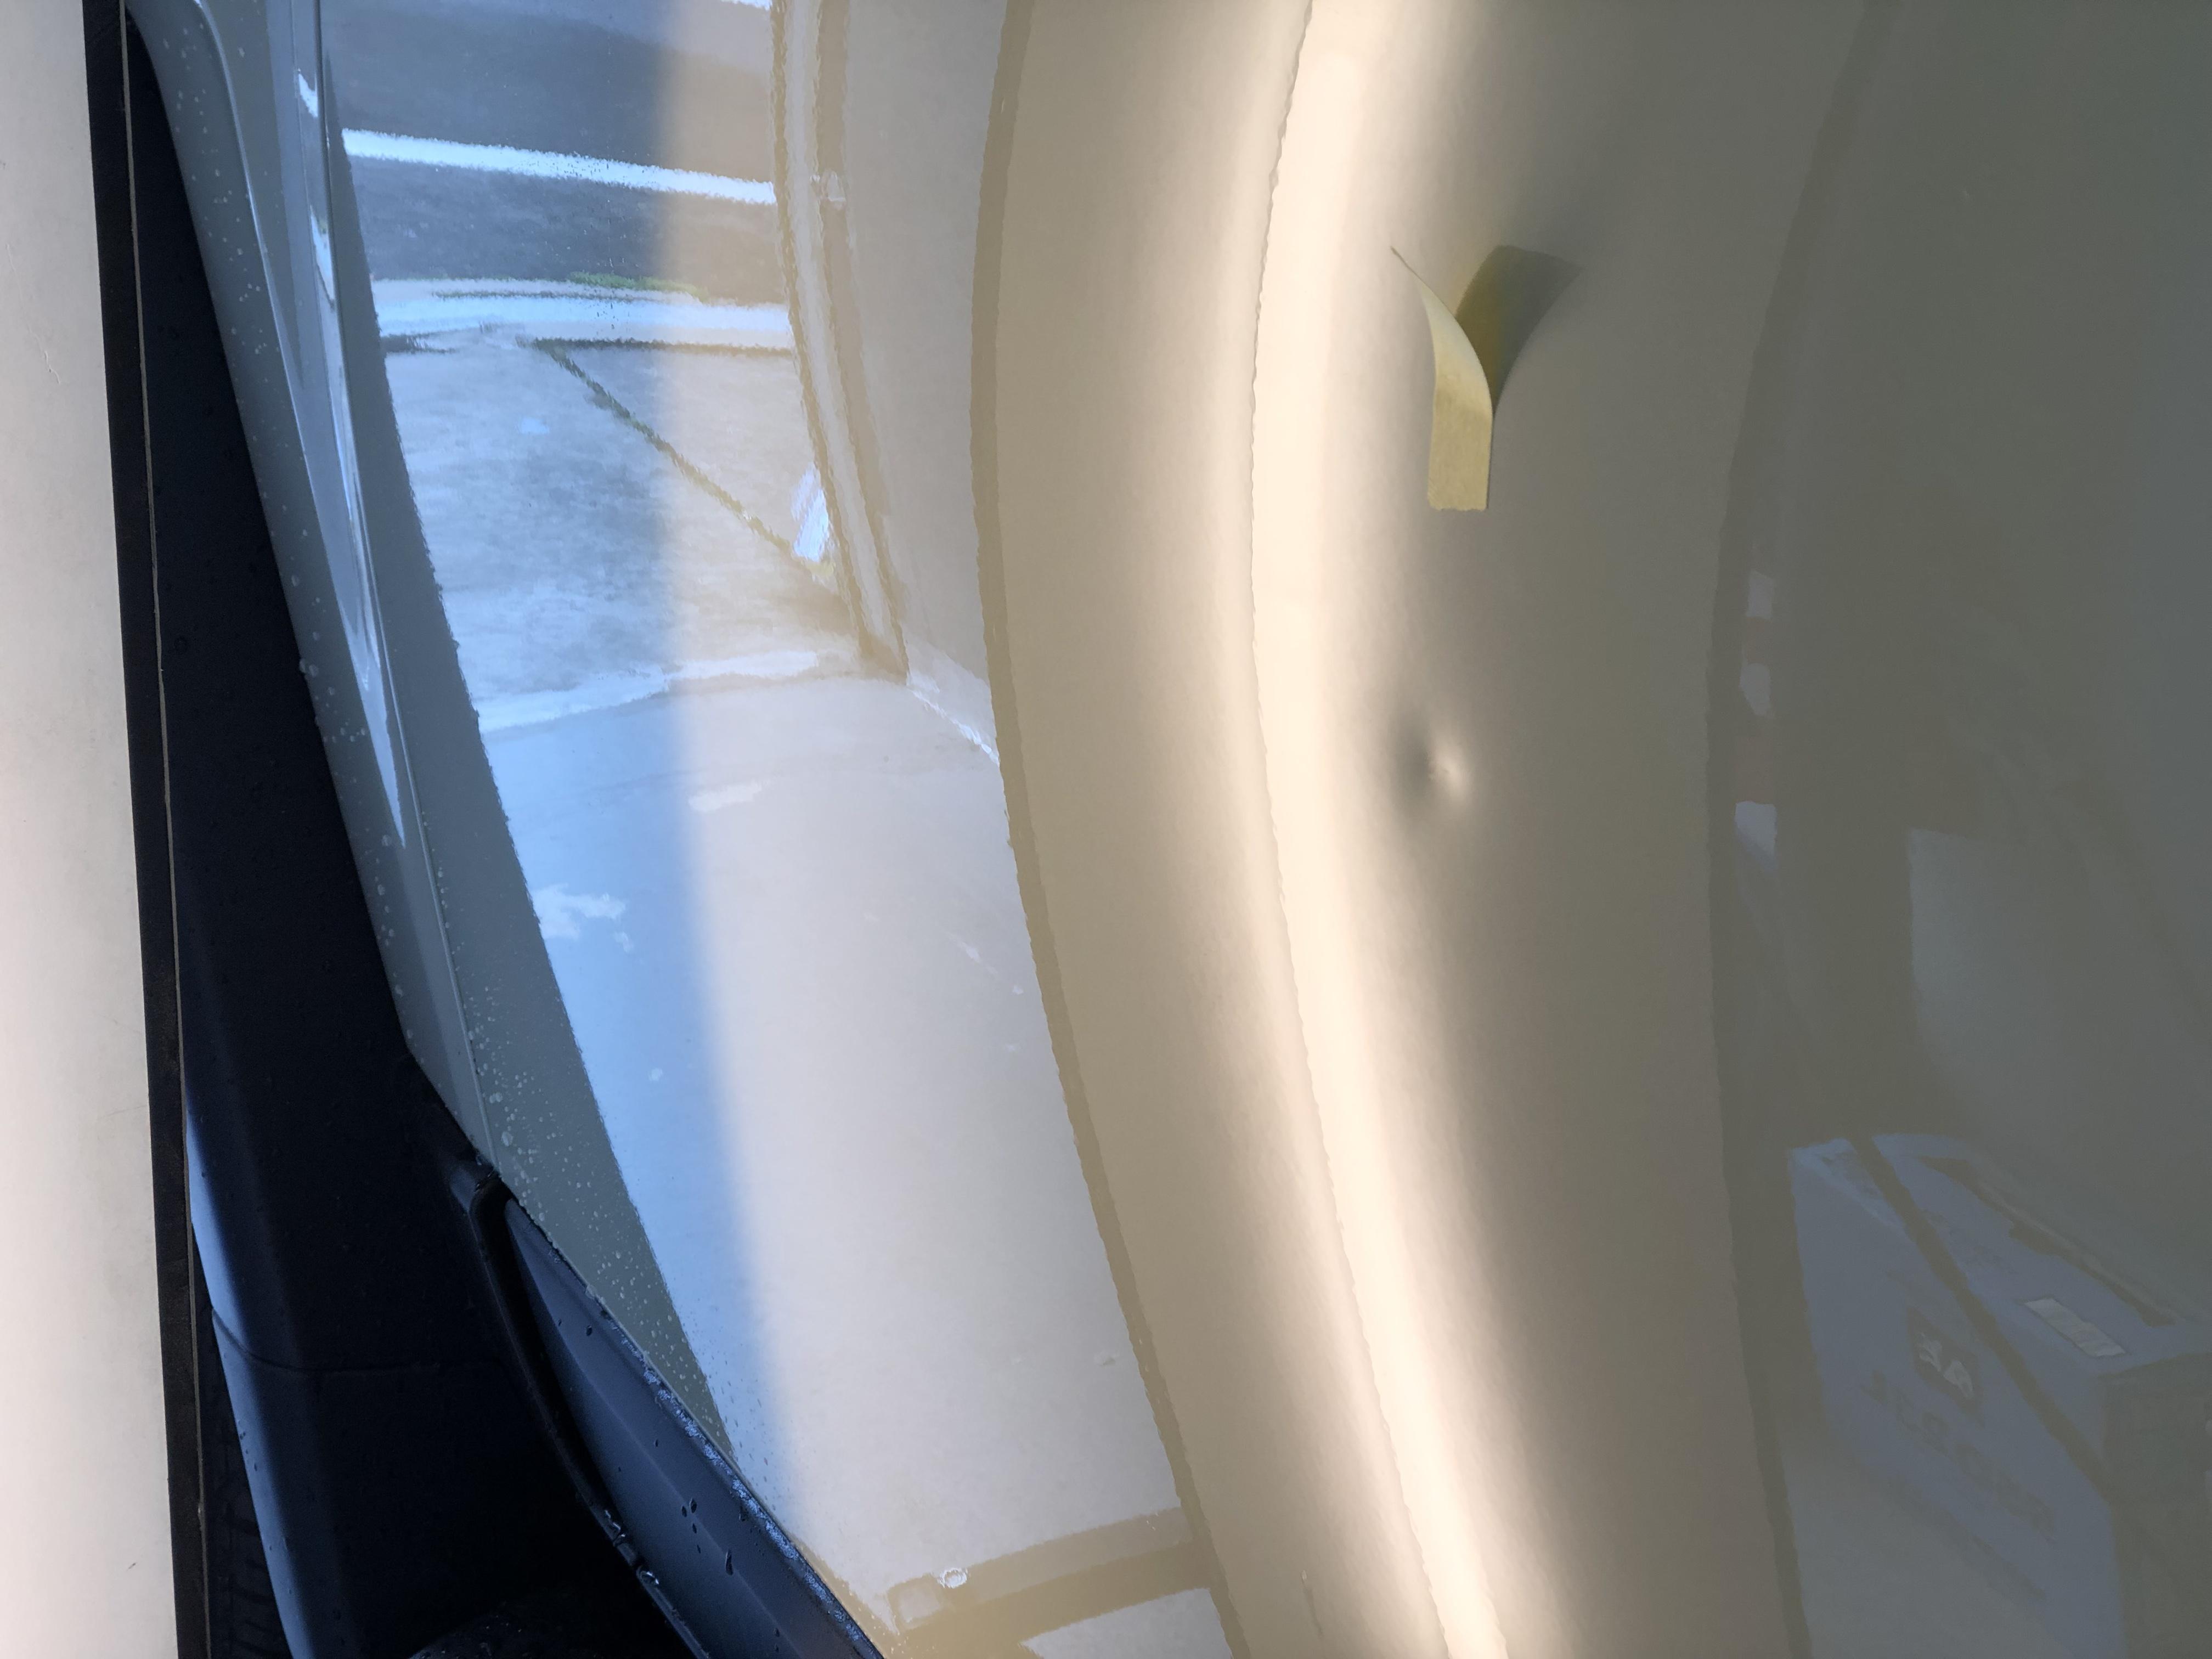 FJクルーザー ドアのヘコミ修理